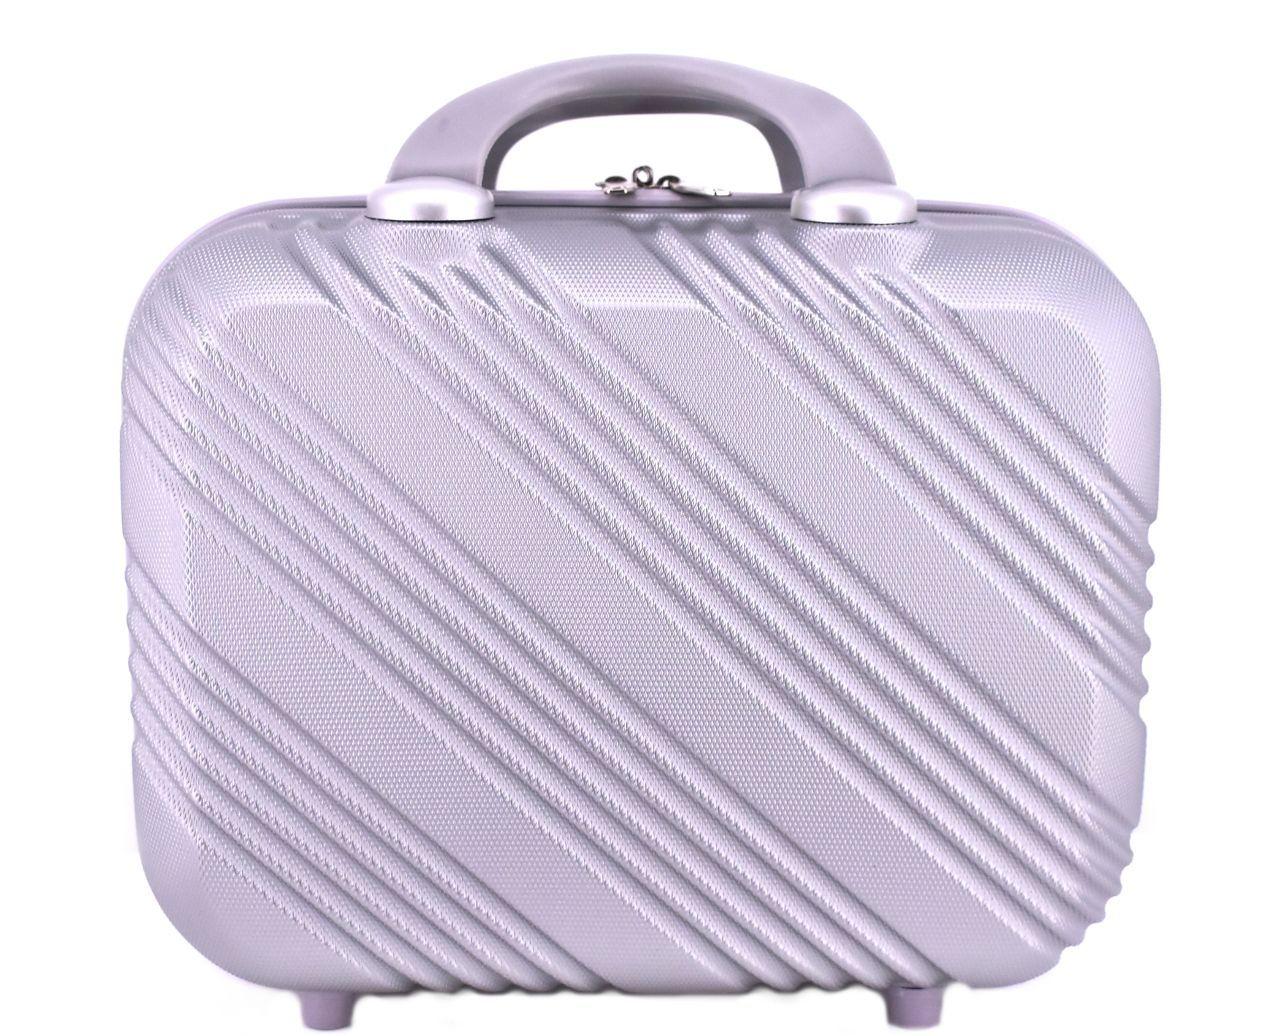 Kosmetický palubní příruční kufr Arteddy velký - stříbrná